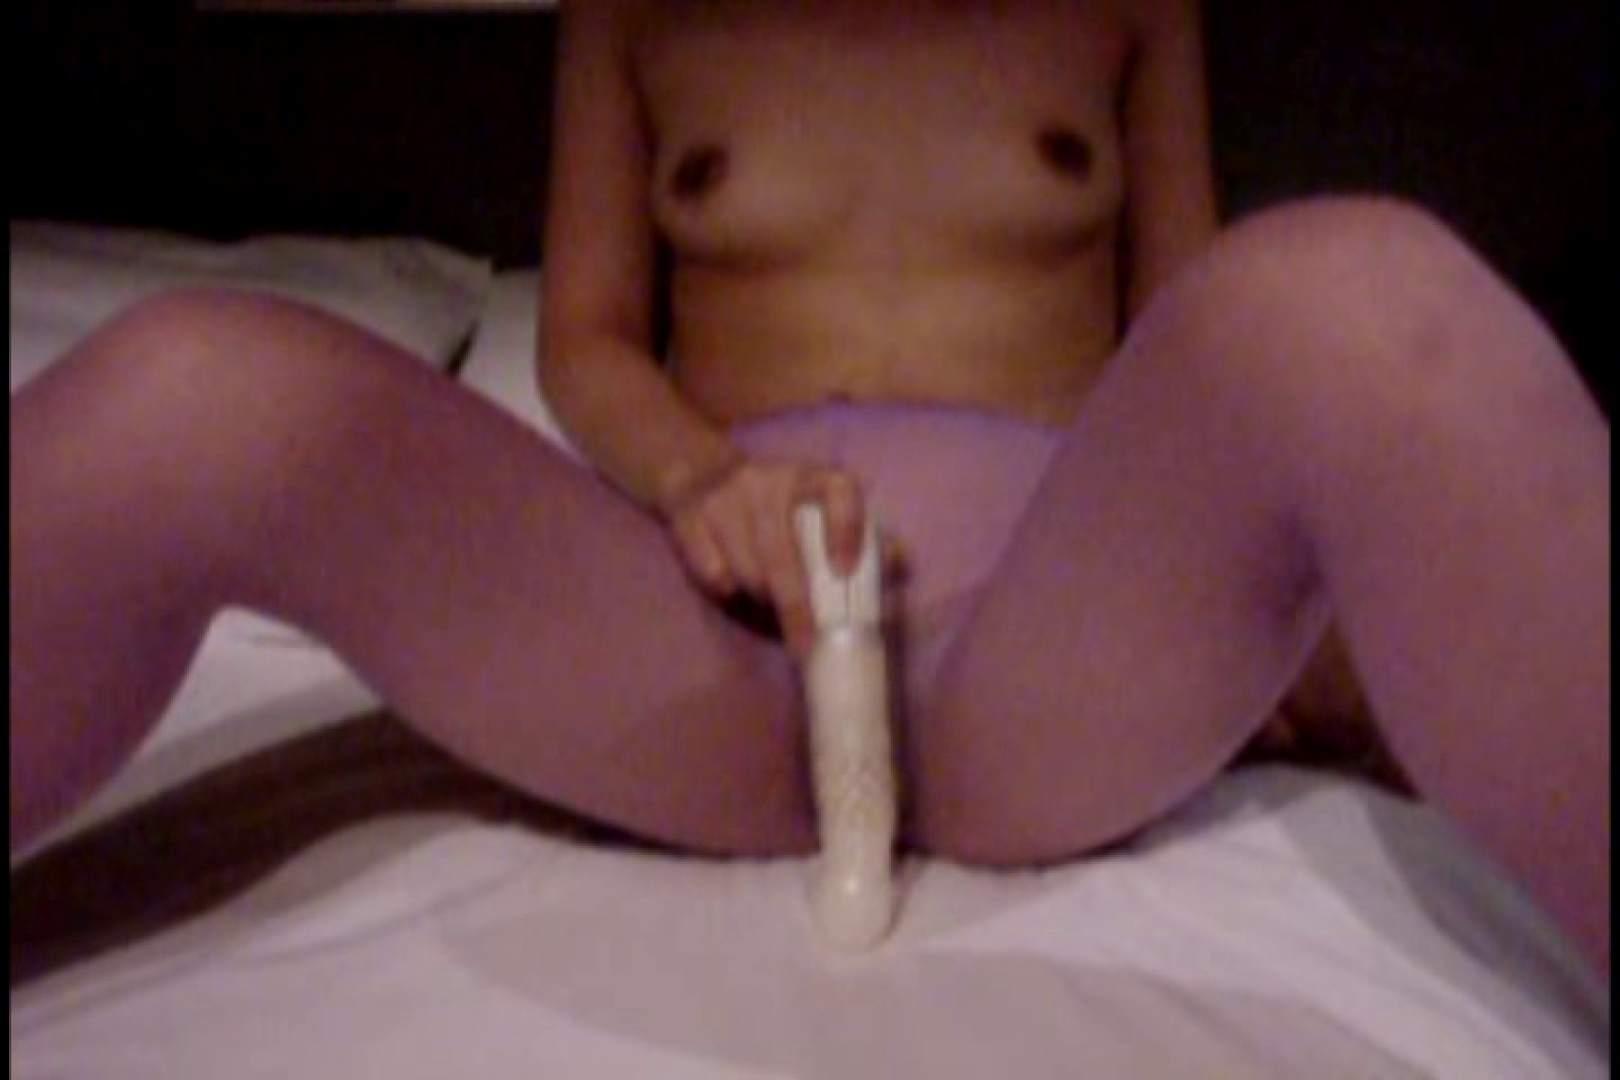 ウイルス流出 九州工学部女子大生藤野瑠美 女子大生のエッチ  91pic 36